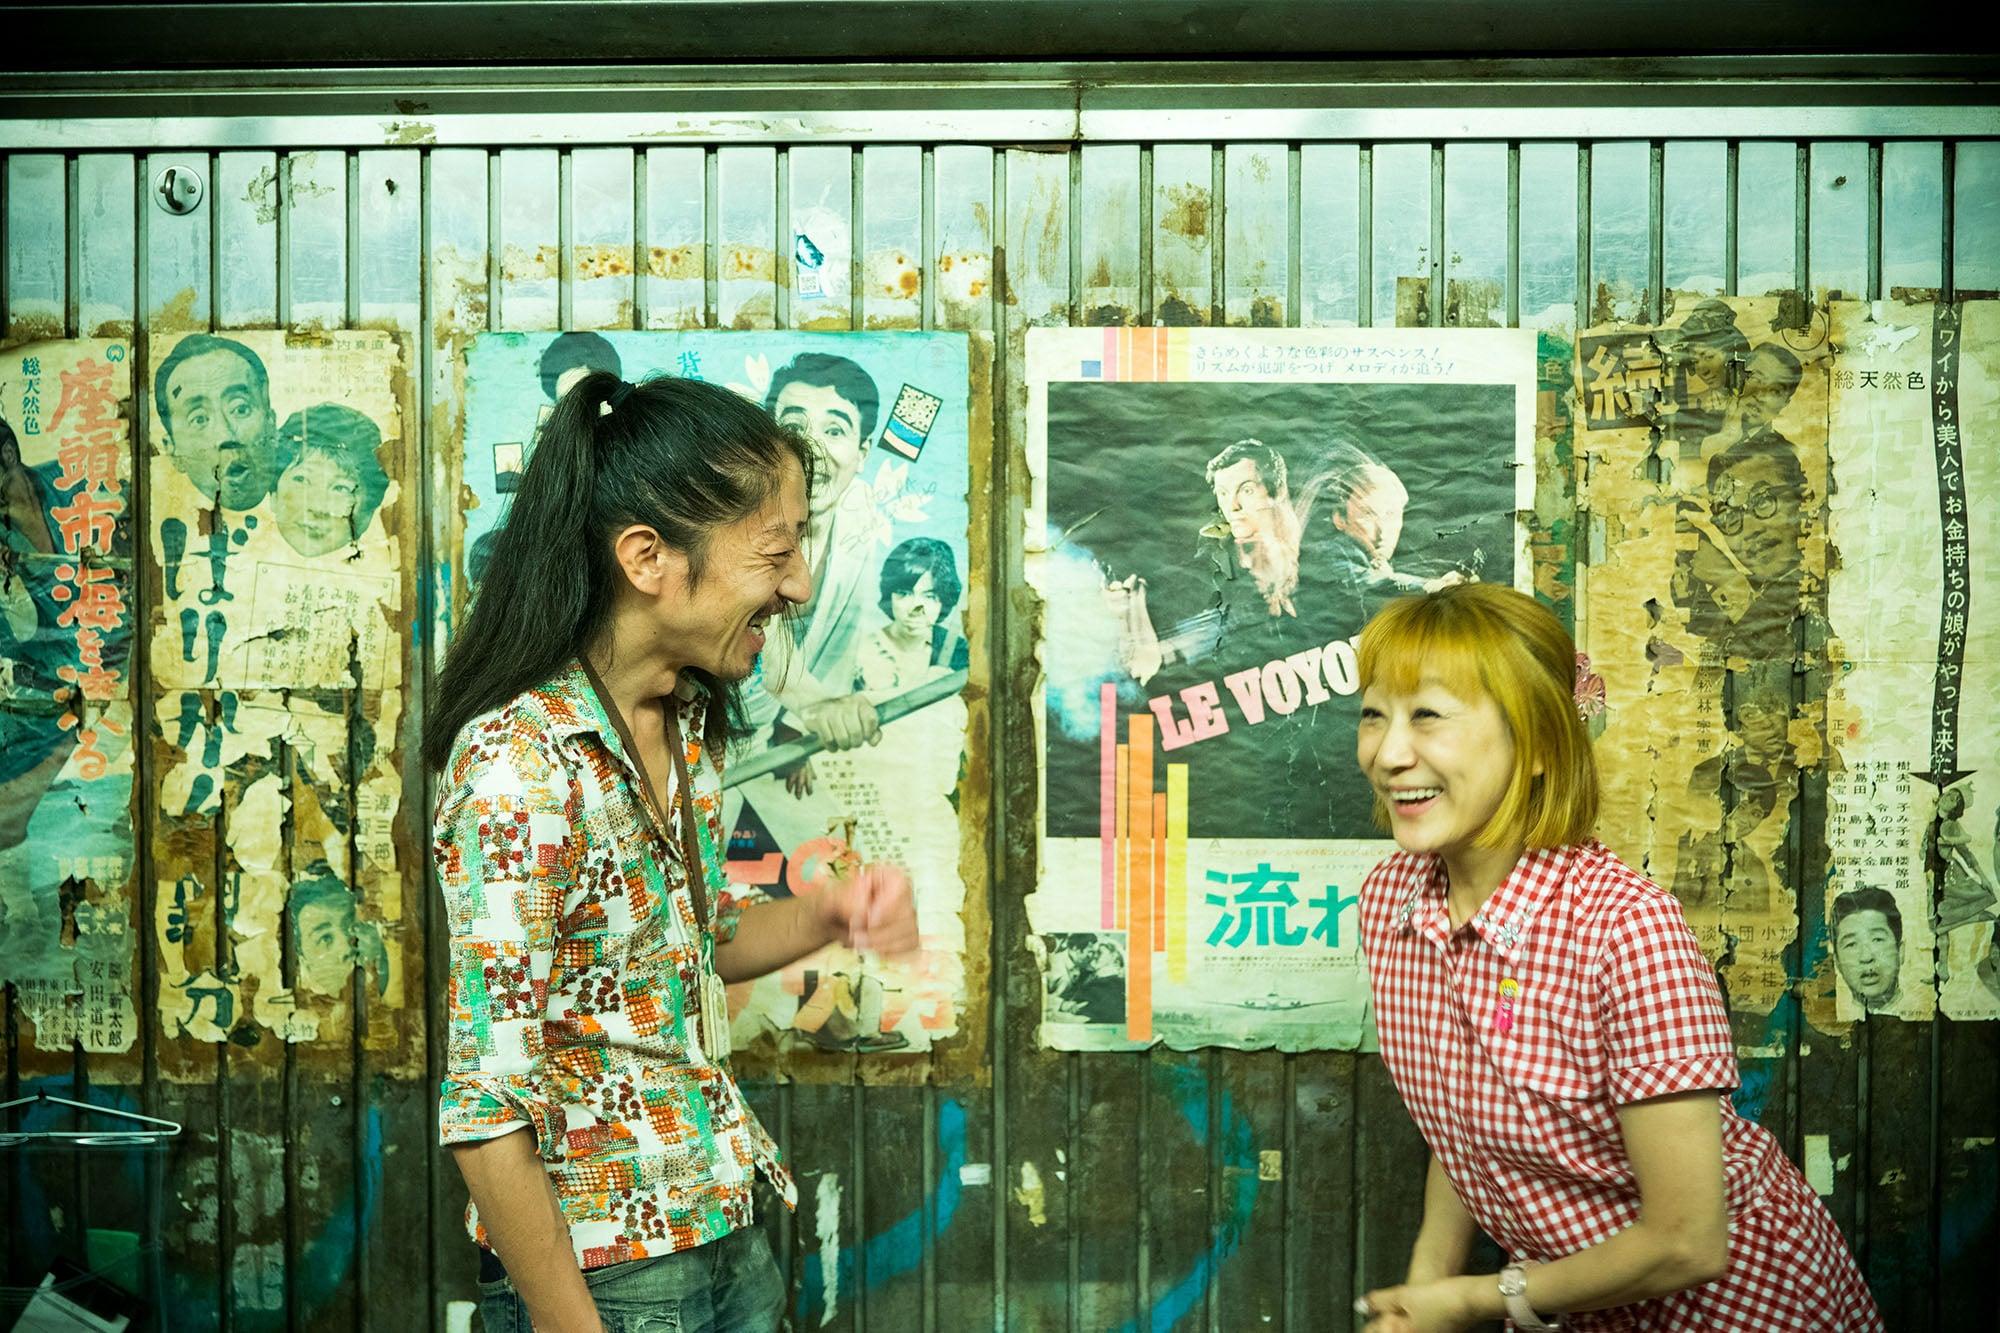 「まんぷく食堂」のオーナー、みっしぇるさんと。現在の有楽町駅ガードは昭和41年(1966年)施工。当時の雰囲気が今も残る。